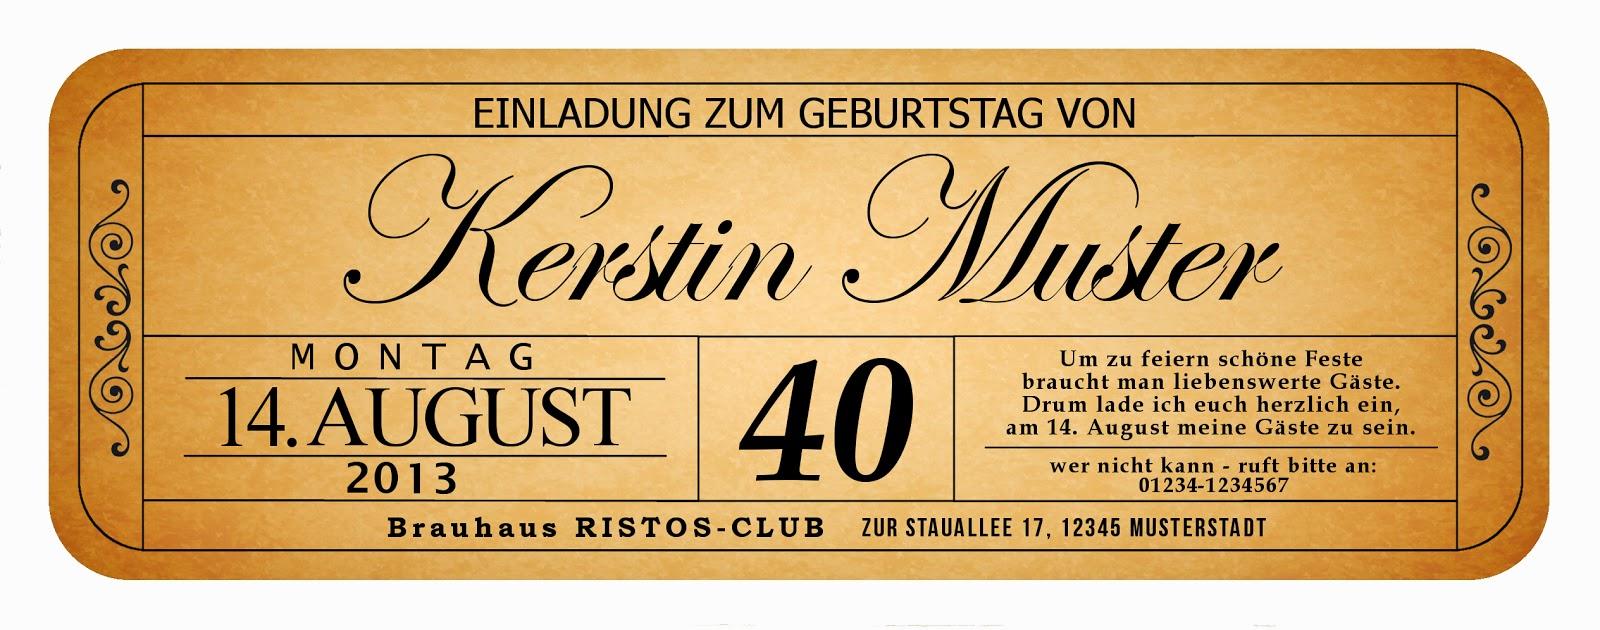 Originelle Einladungskarte Zum Geburtstag